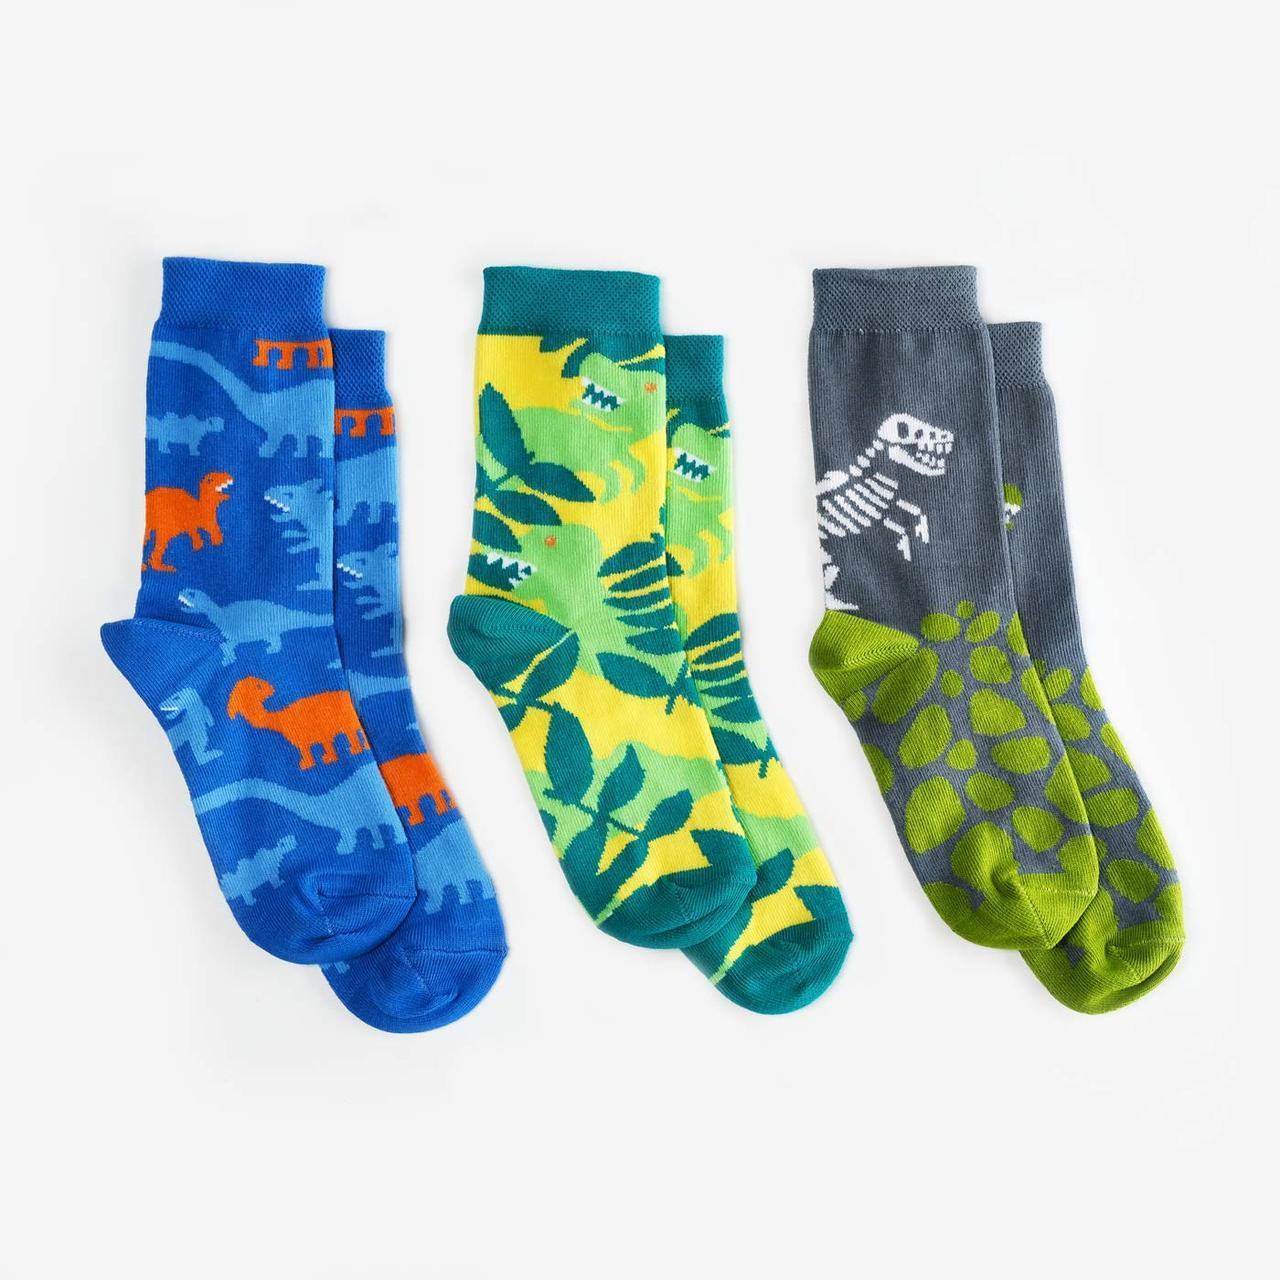 Шкарпетки дитячі Dodo Socks набір Dino 4-6 років